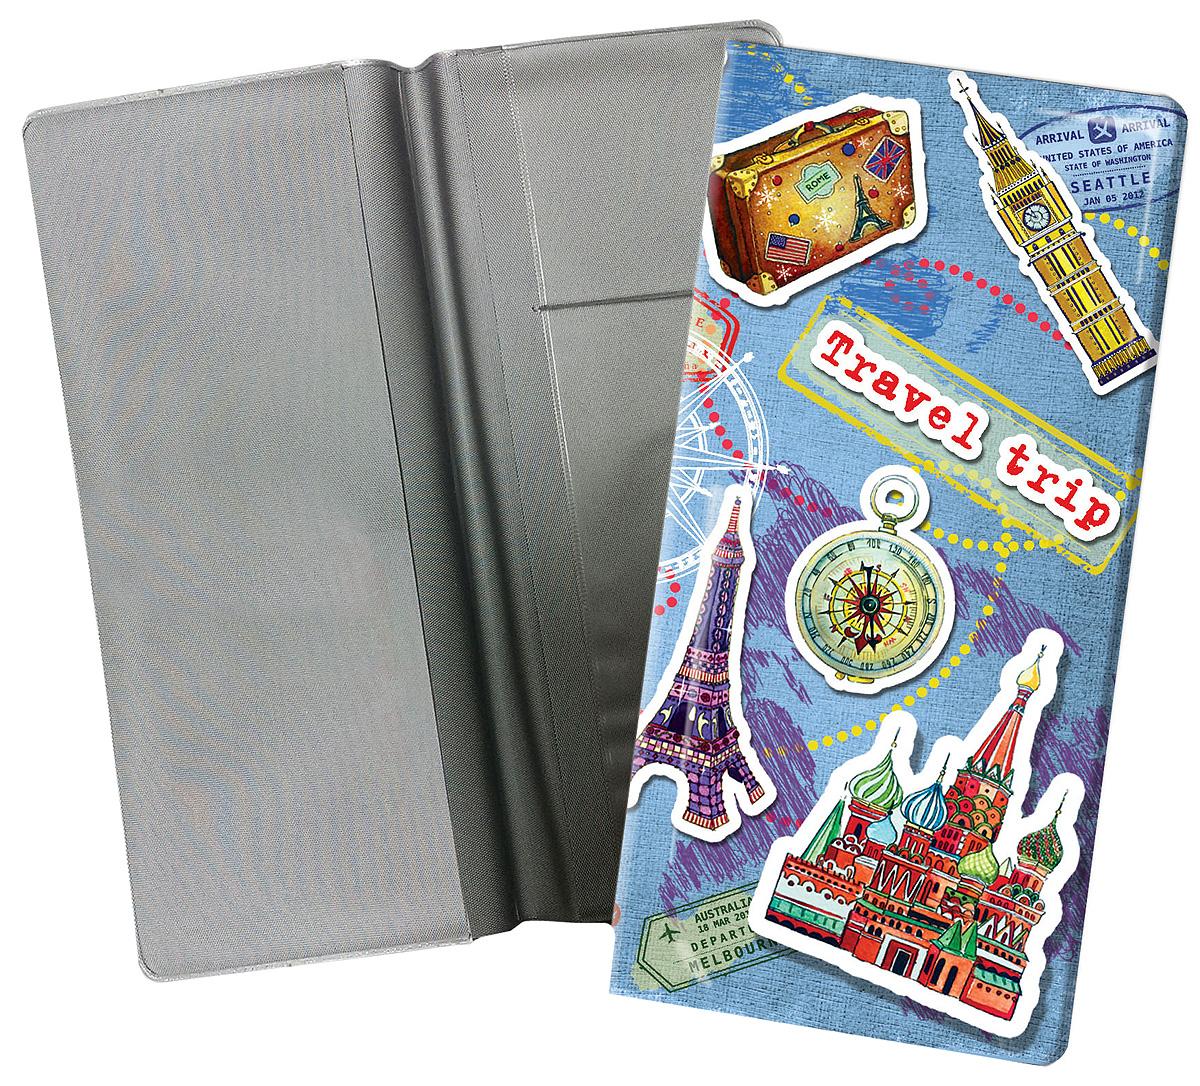 Конверт путешественника Magic Home Столицы мира, для документов. 77124 сувенир конверт путешественника авто винтаж для документов из пвх 20 5 22см 77224